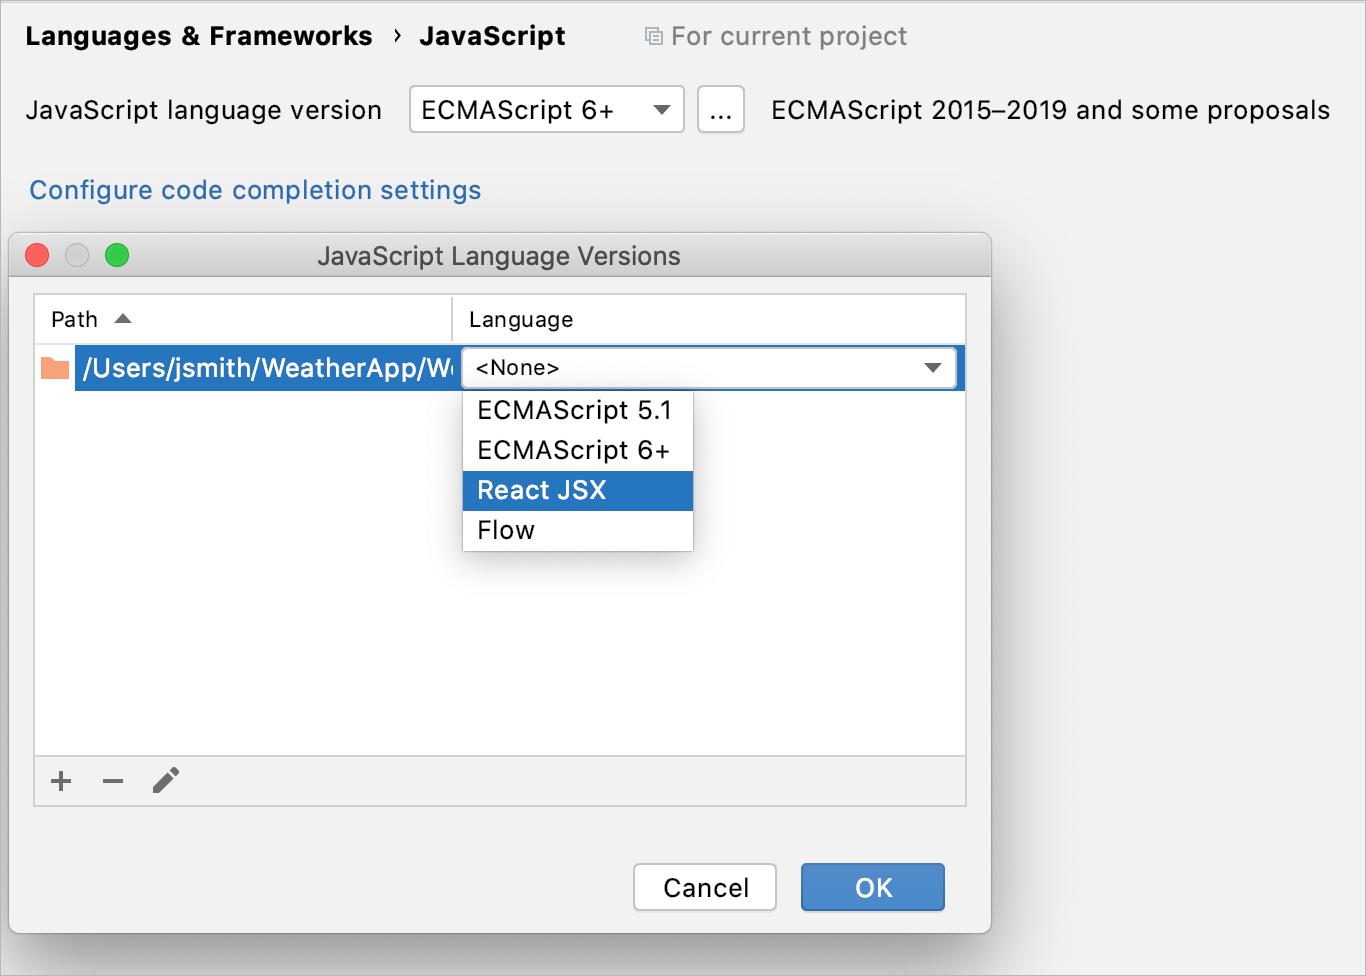 Choose JavaScript language version